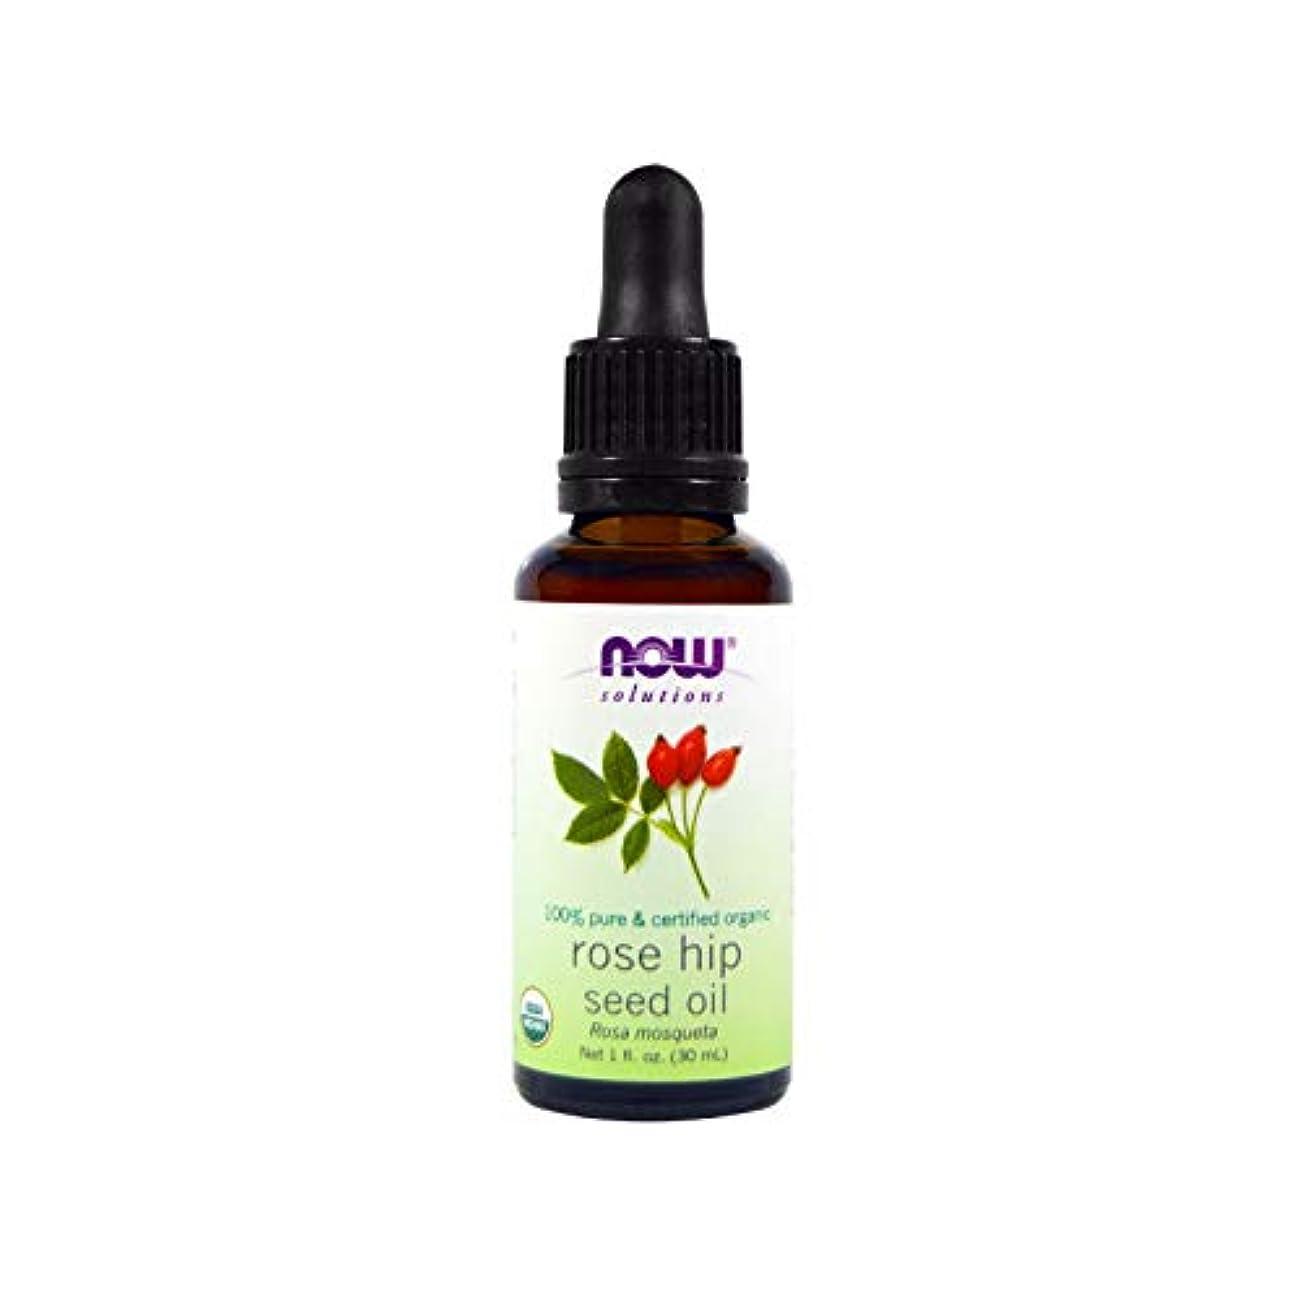 ポインタ価格猟犬Certified Organic Rose Hip Seed Oil, 1 fl oz (30 ml) 海外直送品